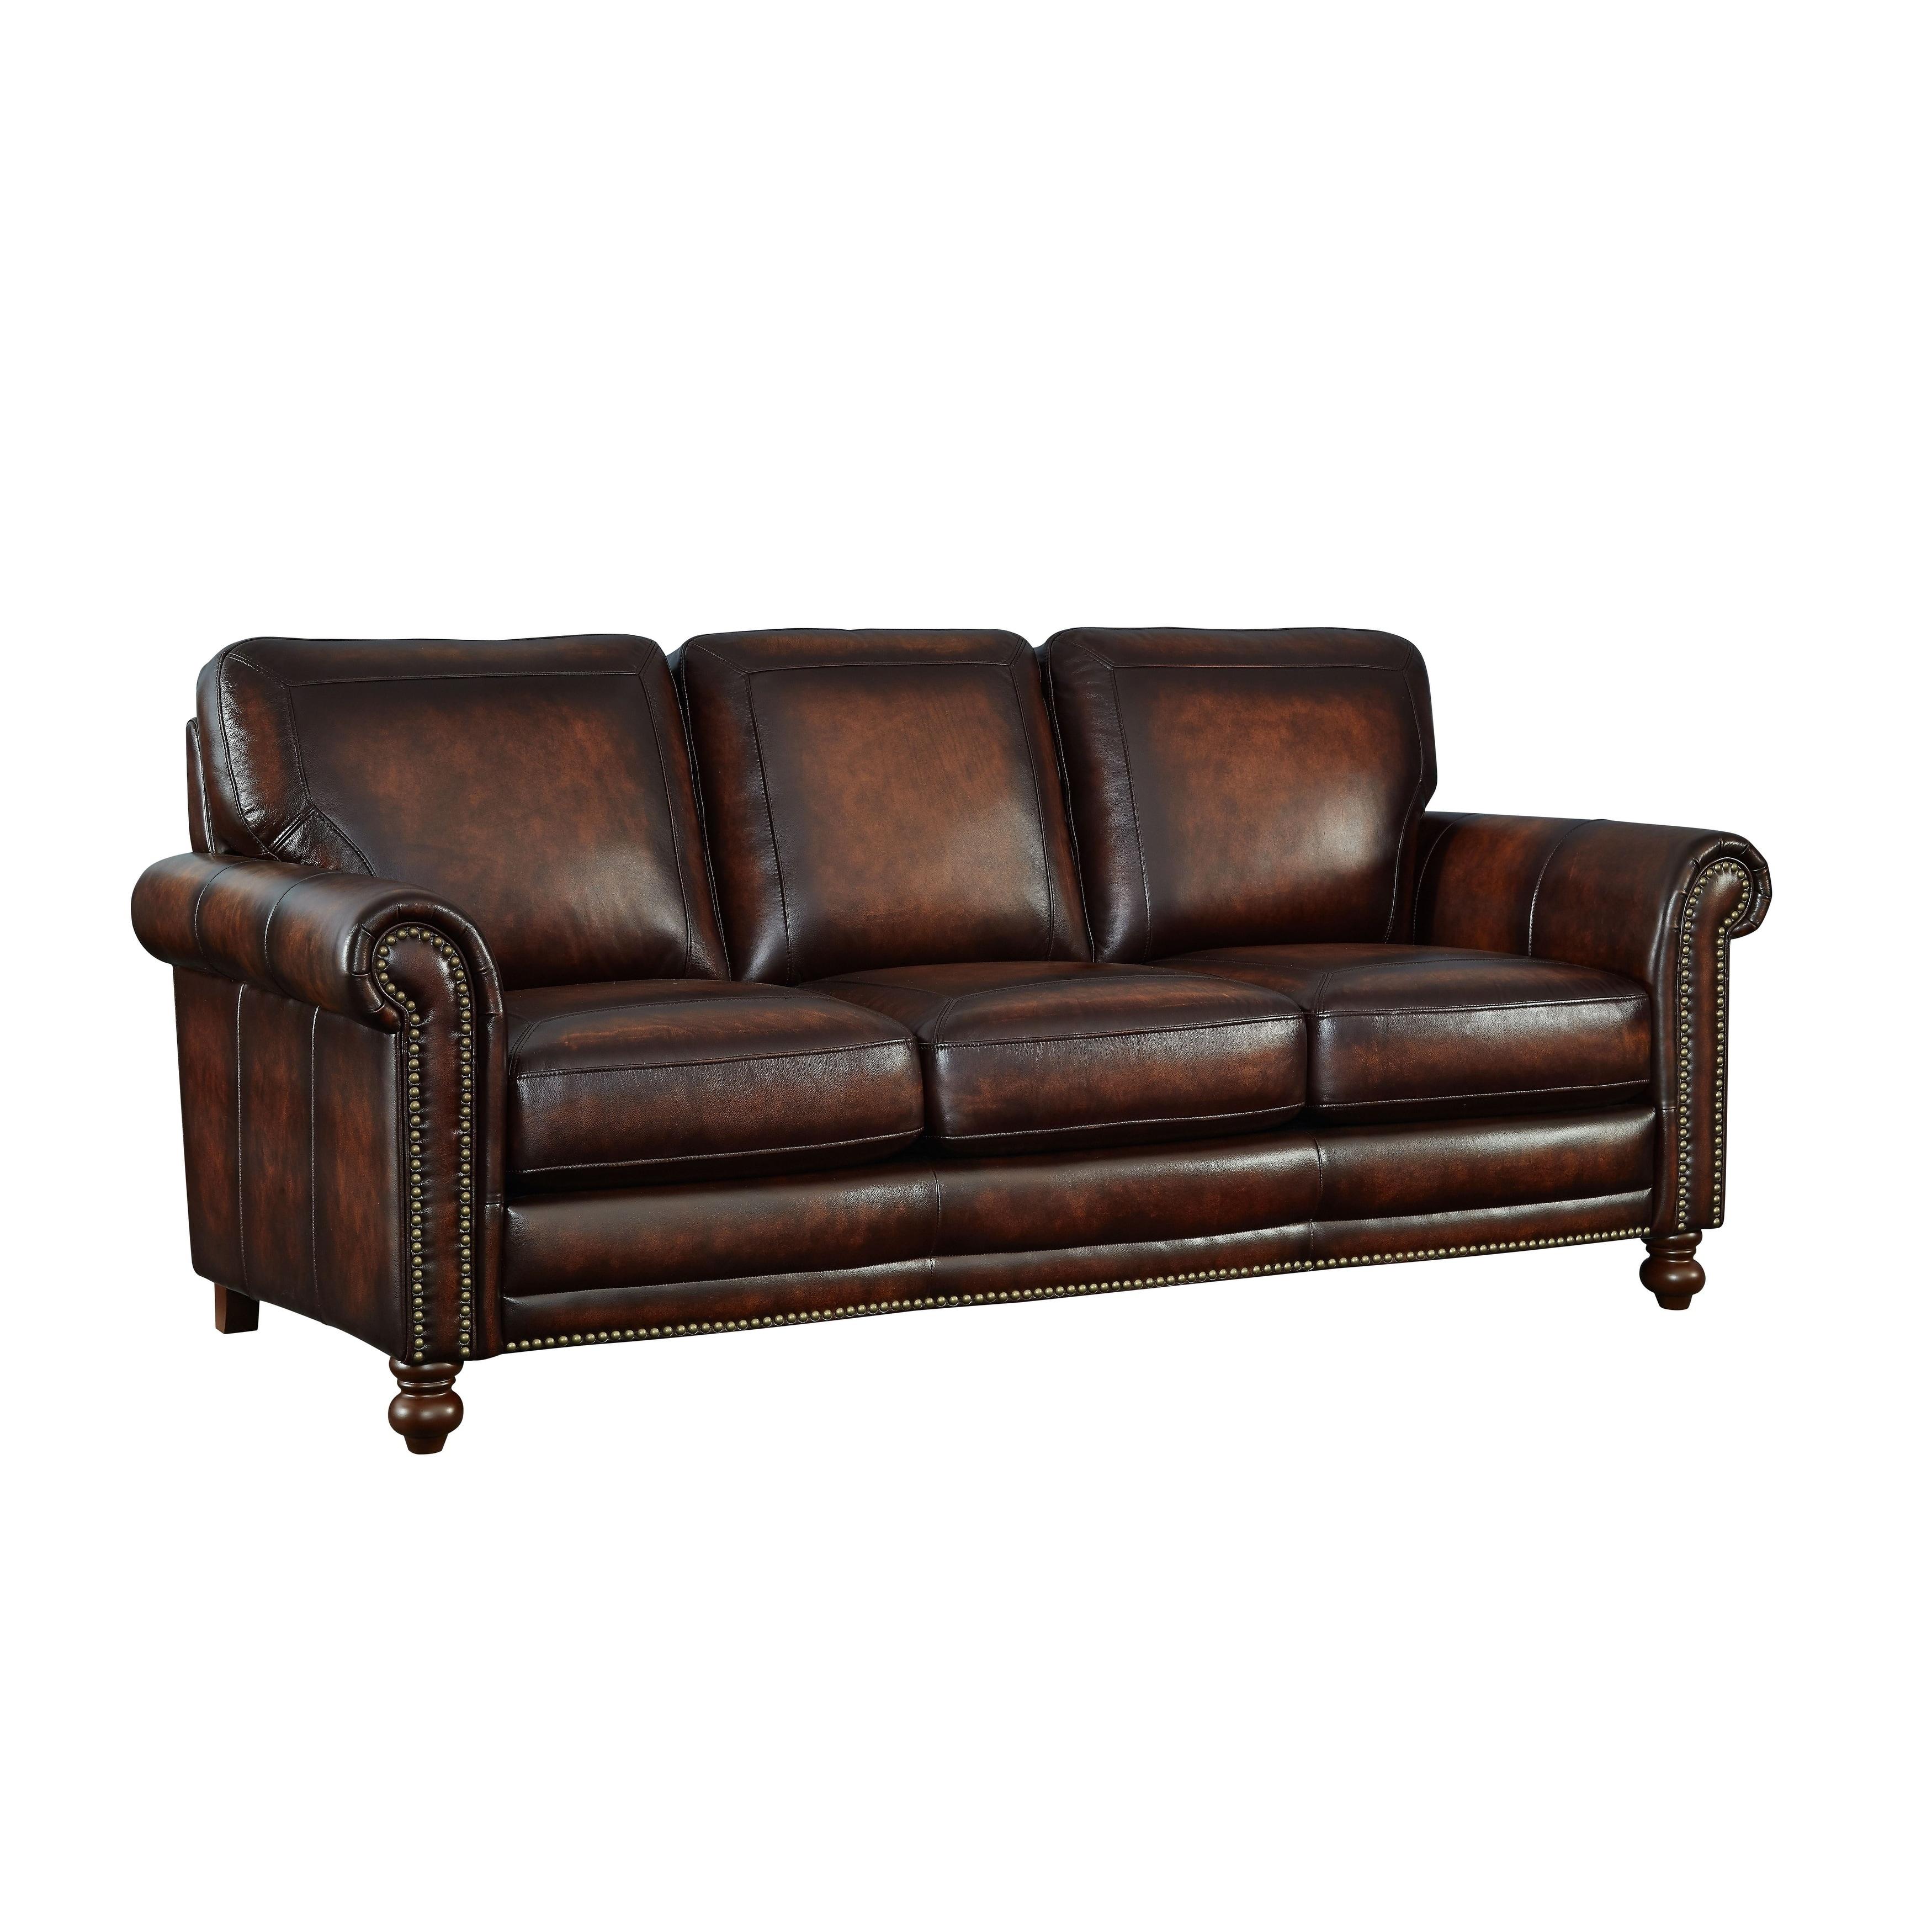 Grayson Hand Rubbed Top Grain Italian Leather Sofa